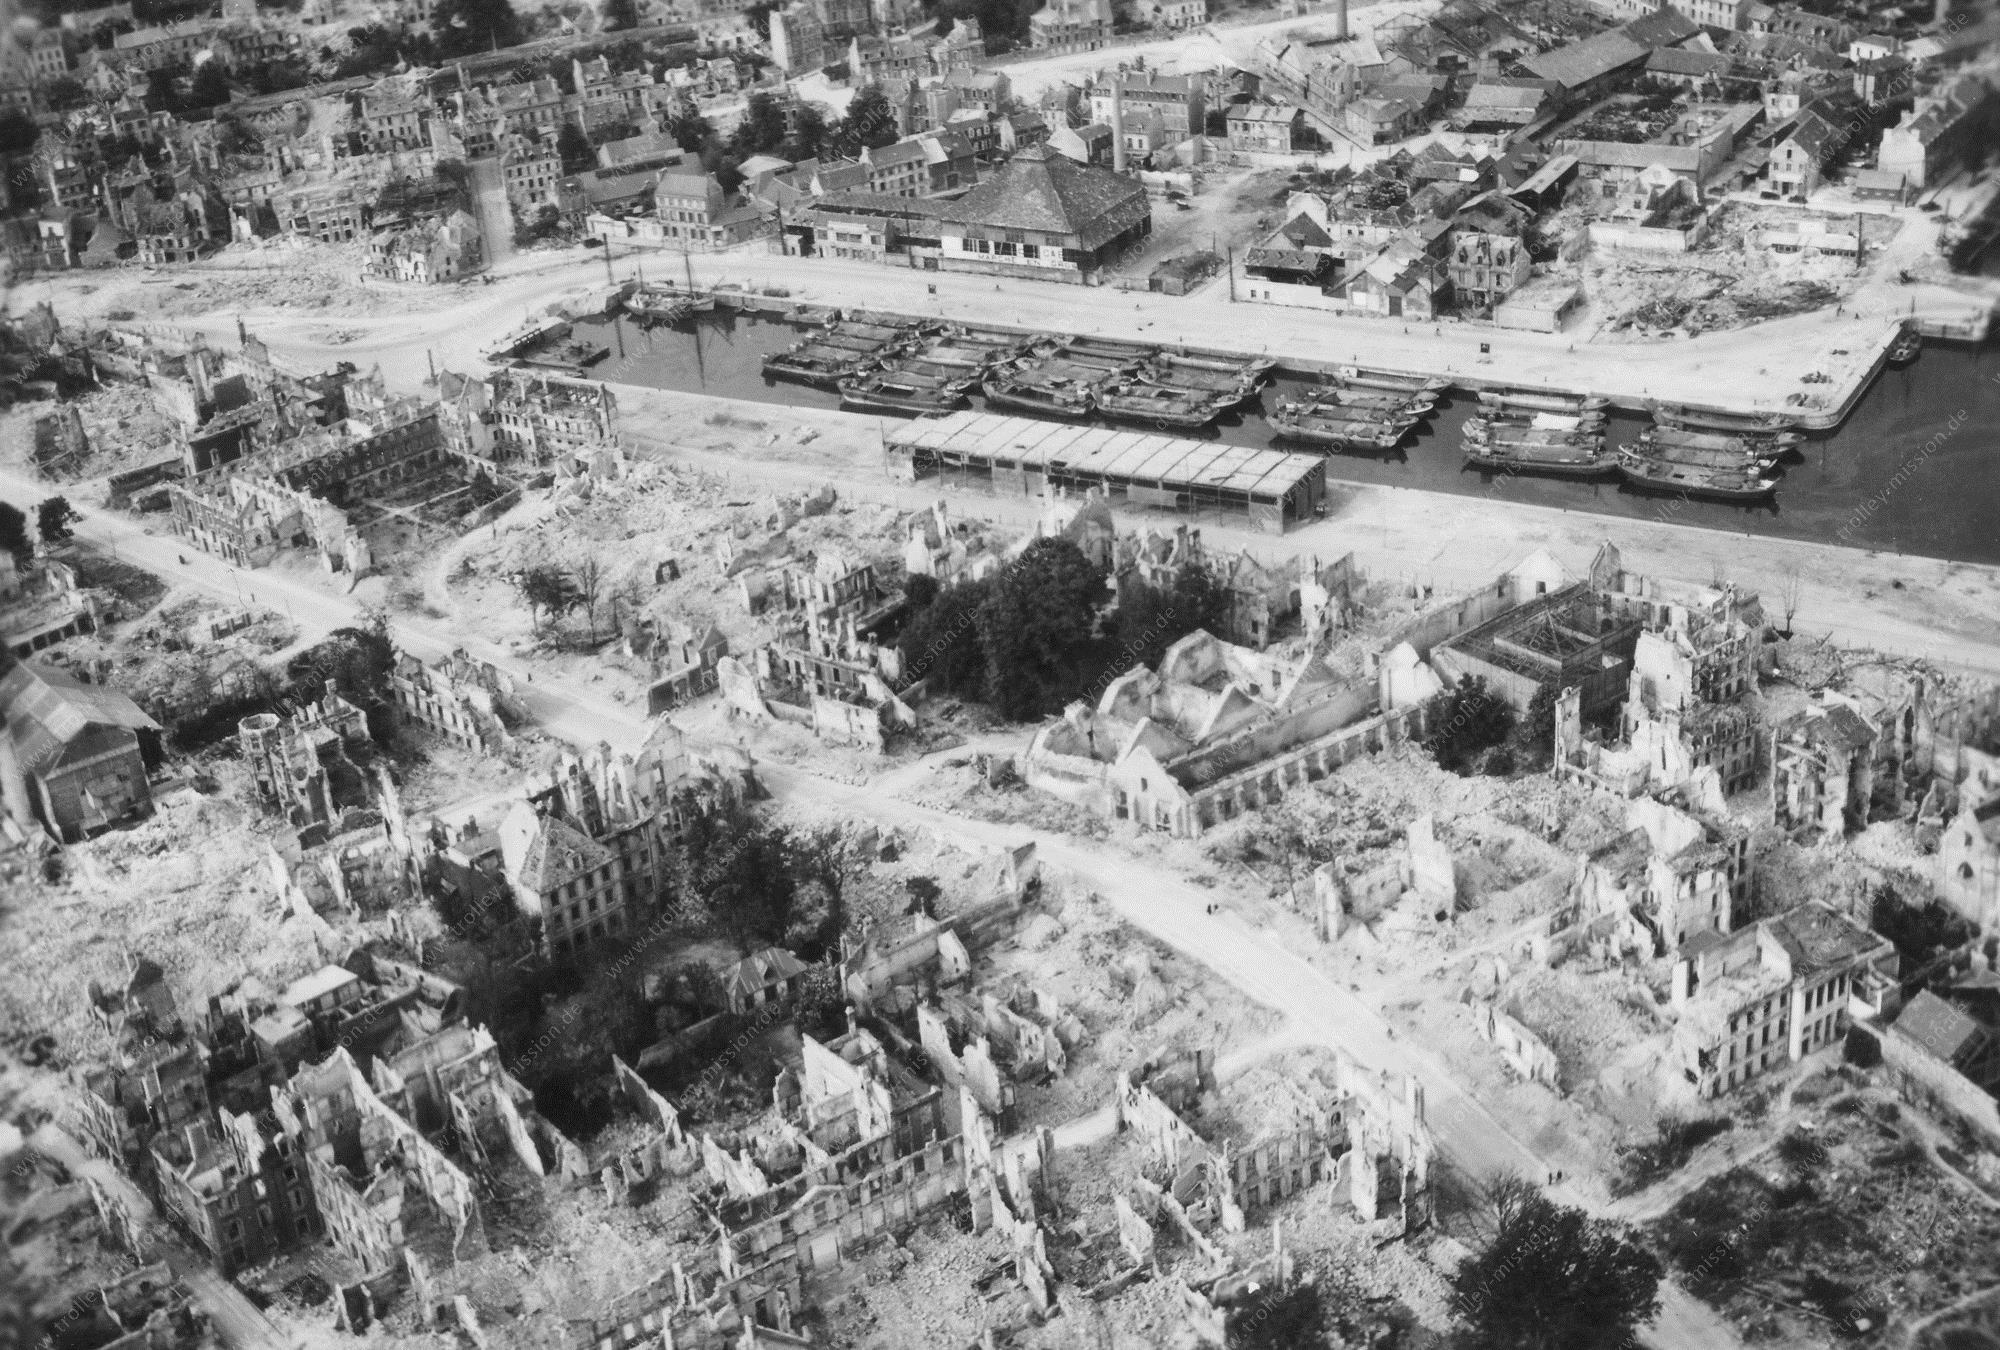 Luftbild von Caen und dem zerstörten Hafen (Frankreich)